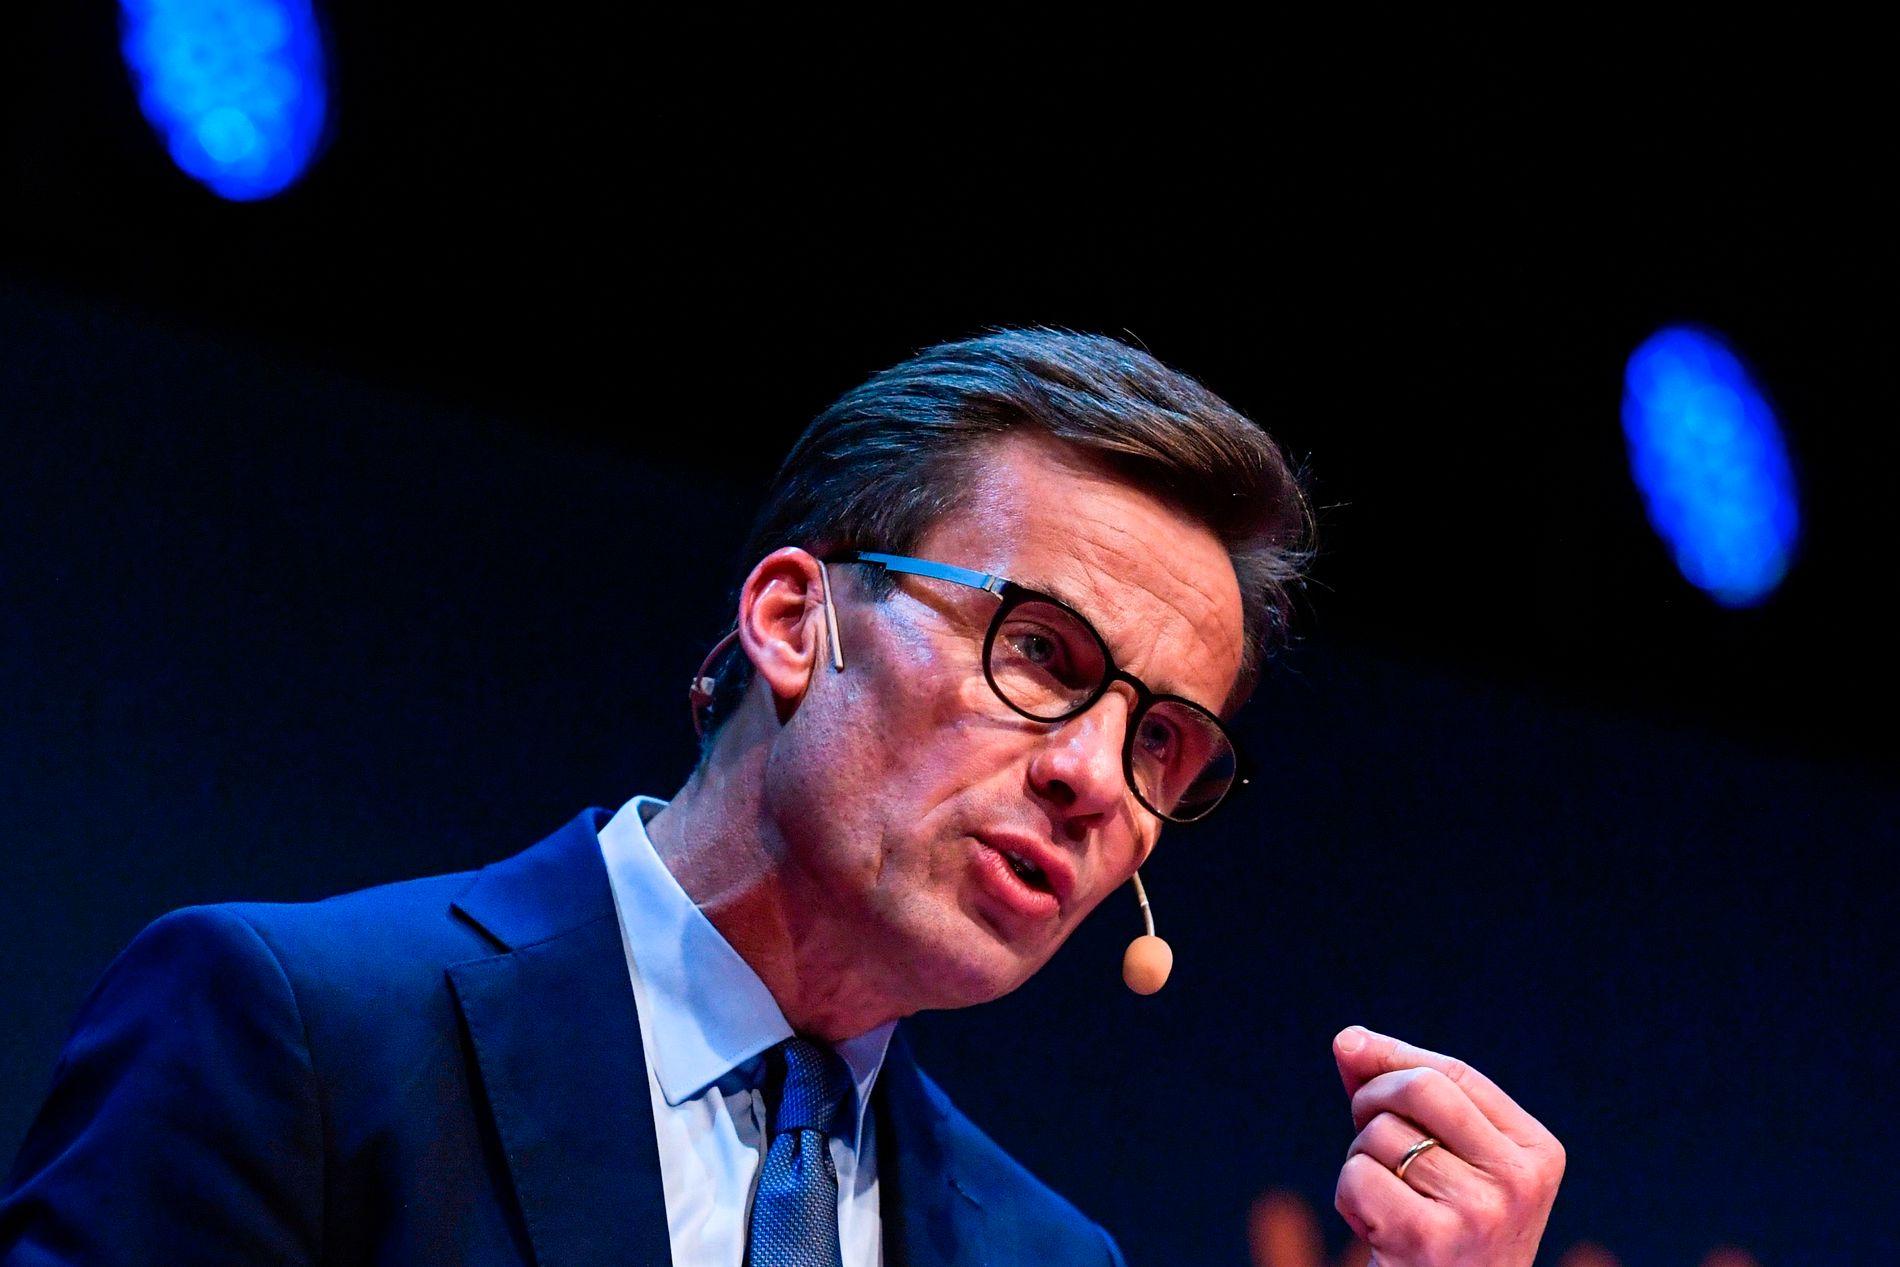 BLIR TROSSET: Ulf Kristersson, leder av Høyres søsterparti, Moderaterna, er ikke blid for at enkelte av hans lokalpolitikere åpner for samarbeid med Sverigedemokraterna.